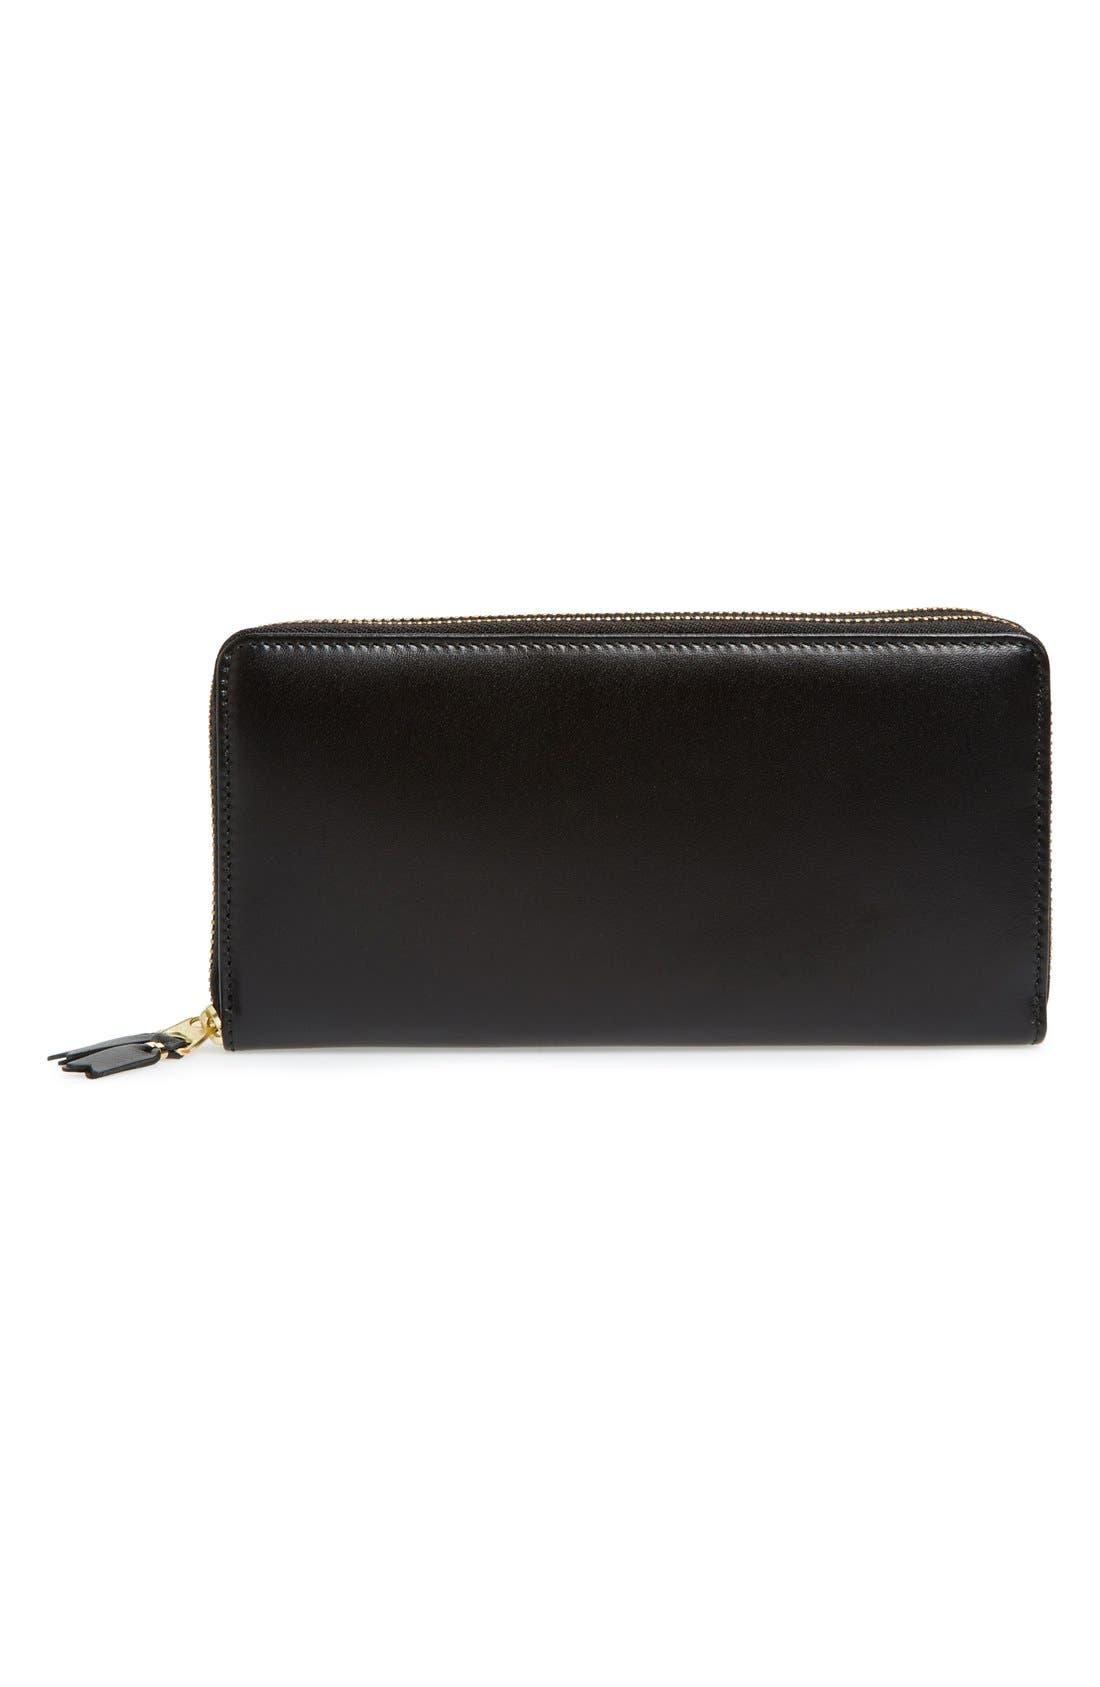 COMME DES GARÇONS, Leather Continental Long Wallet, Main thumbnail 1, color, BLACK